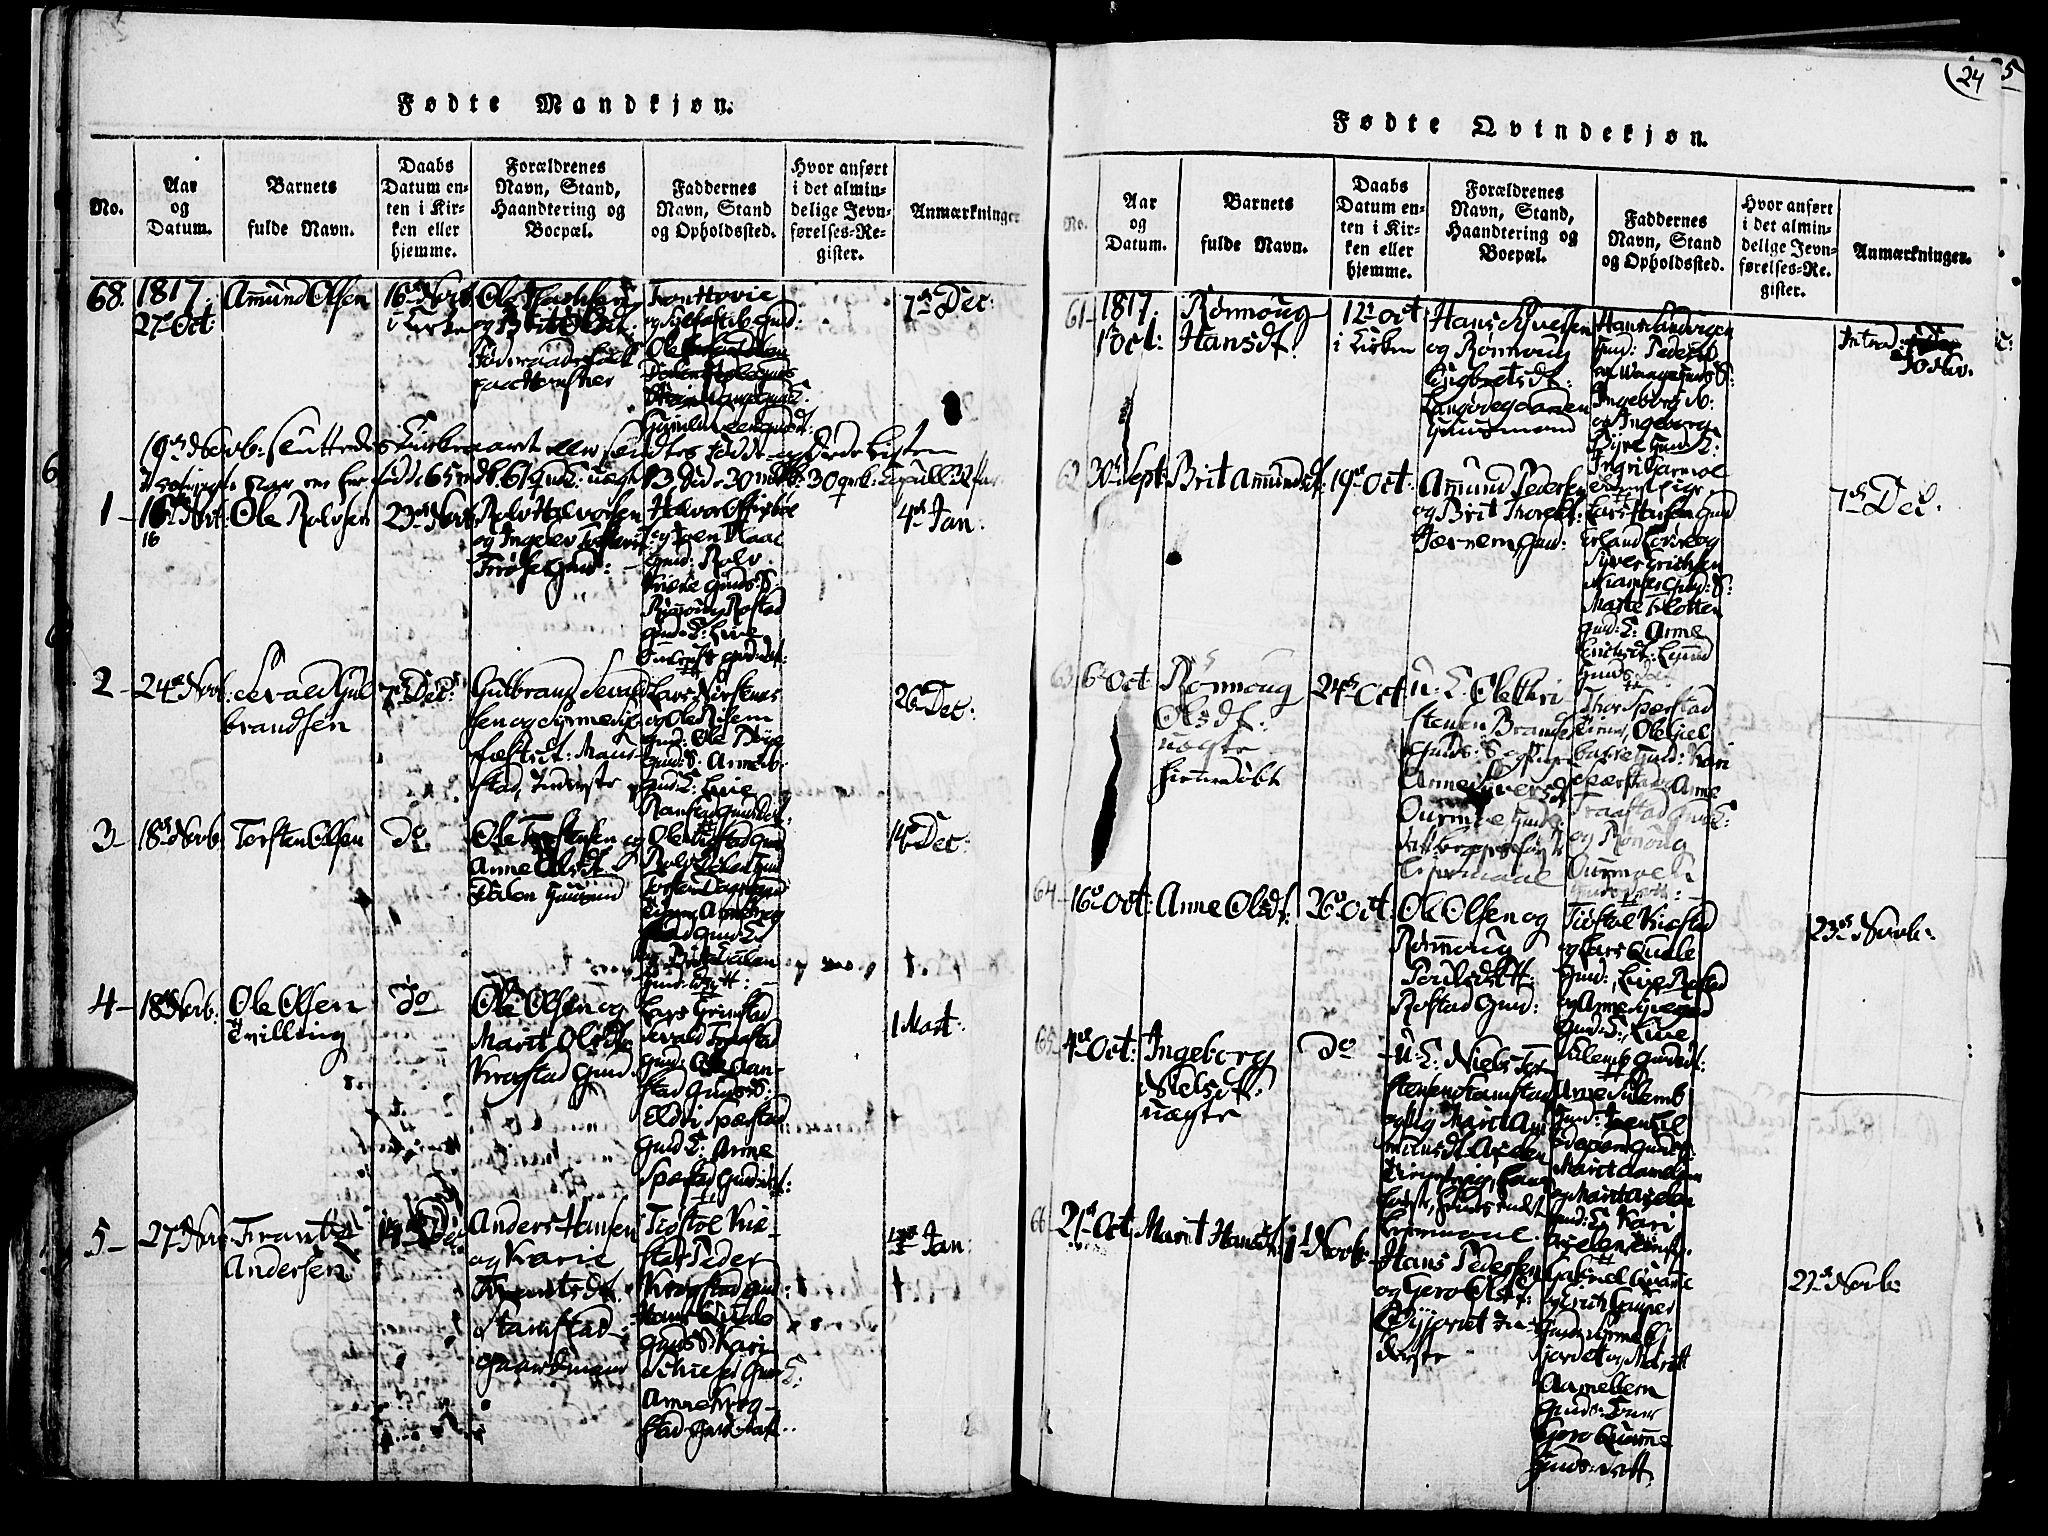 SAH, Lom prestekontor, K/L0004: Ministerialbok nr. 4, 1815-1825, s. 24